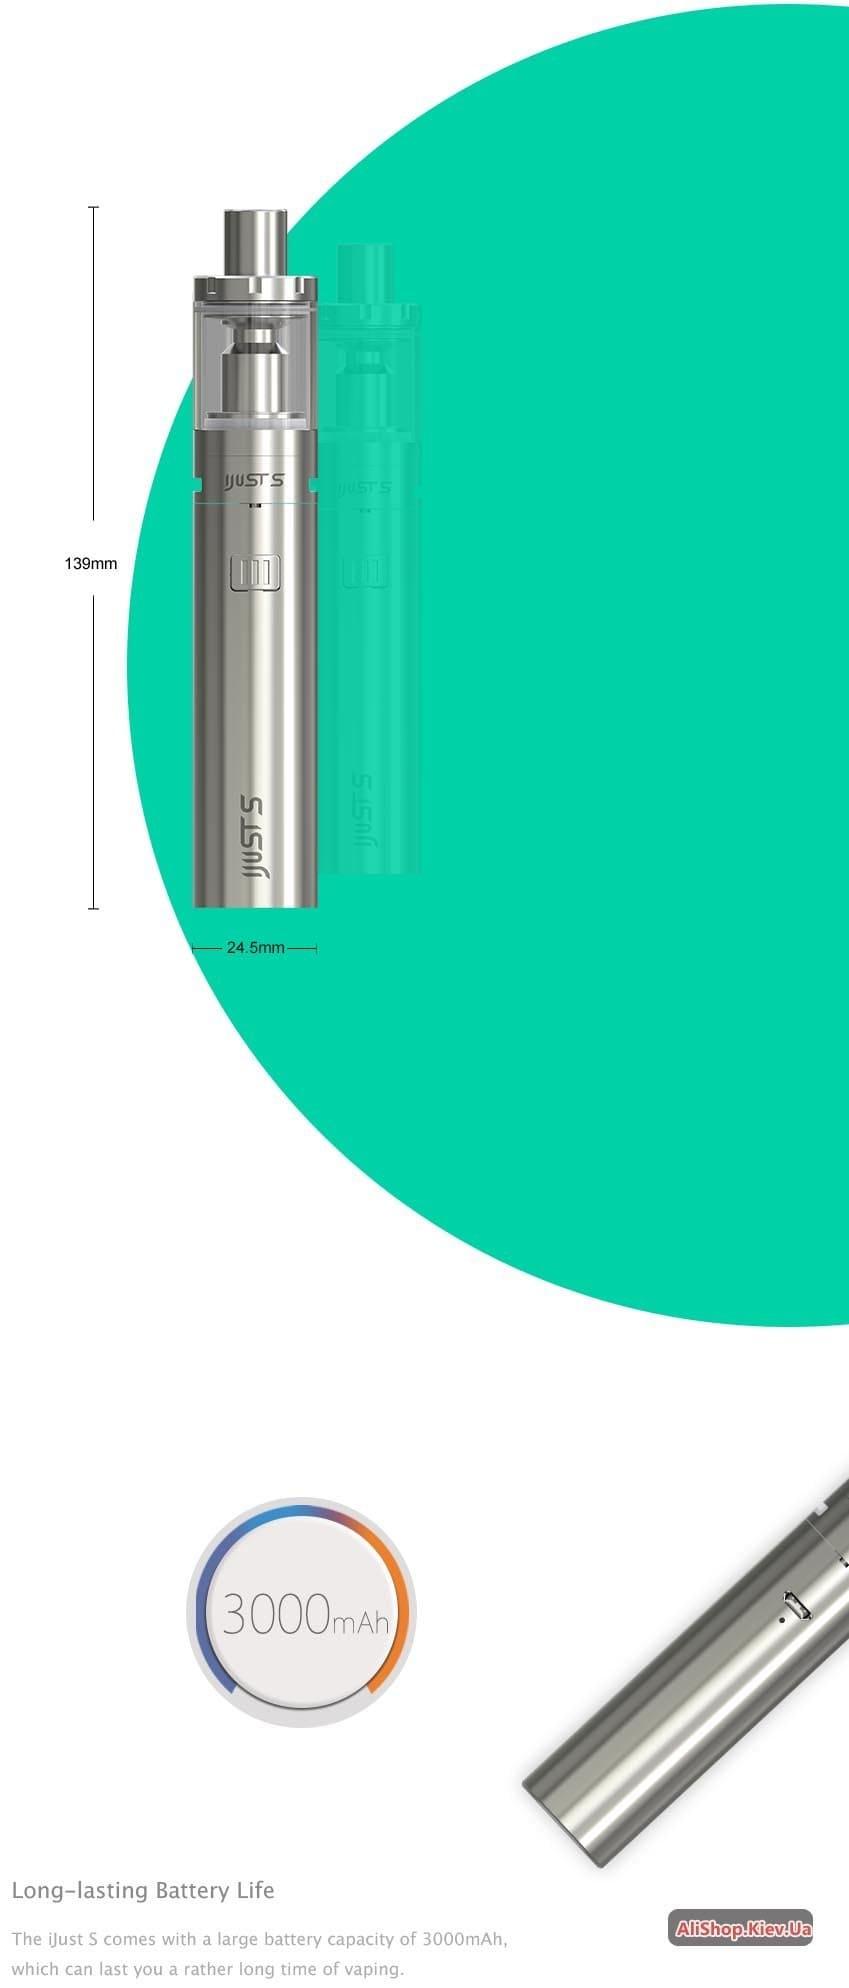 купить eleaf ijust s starter kit в киеве: лучшая цена и отзывы на электронные сигареты 36